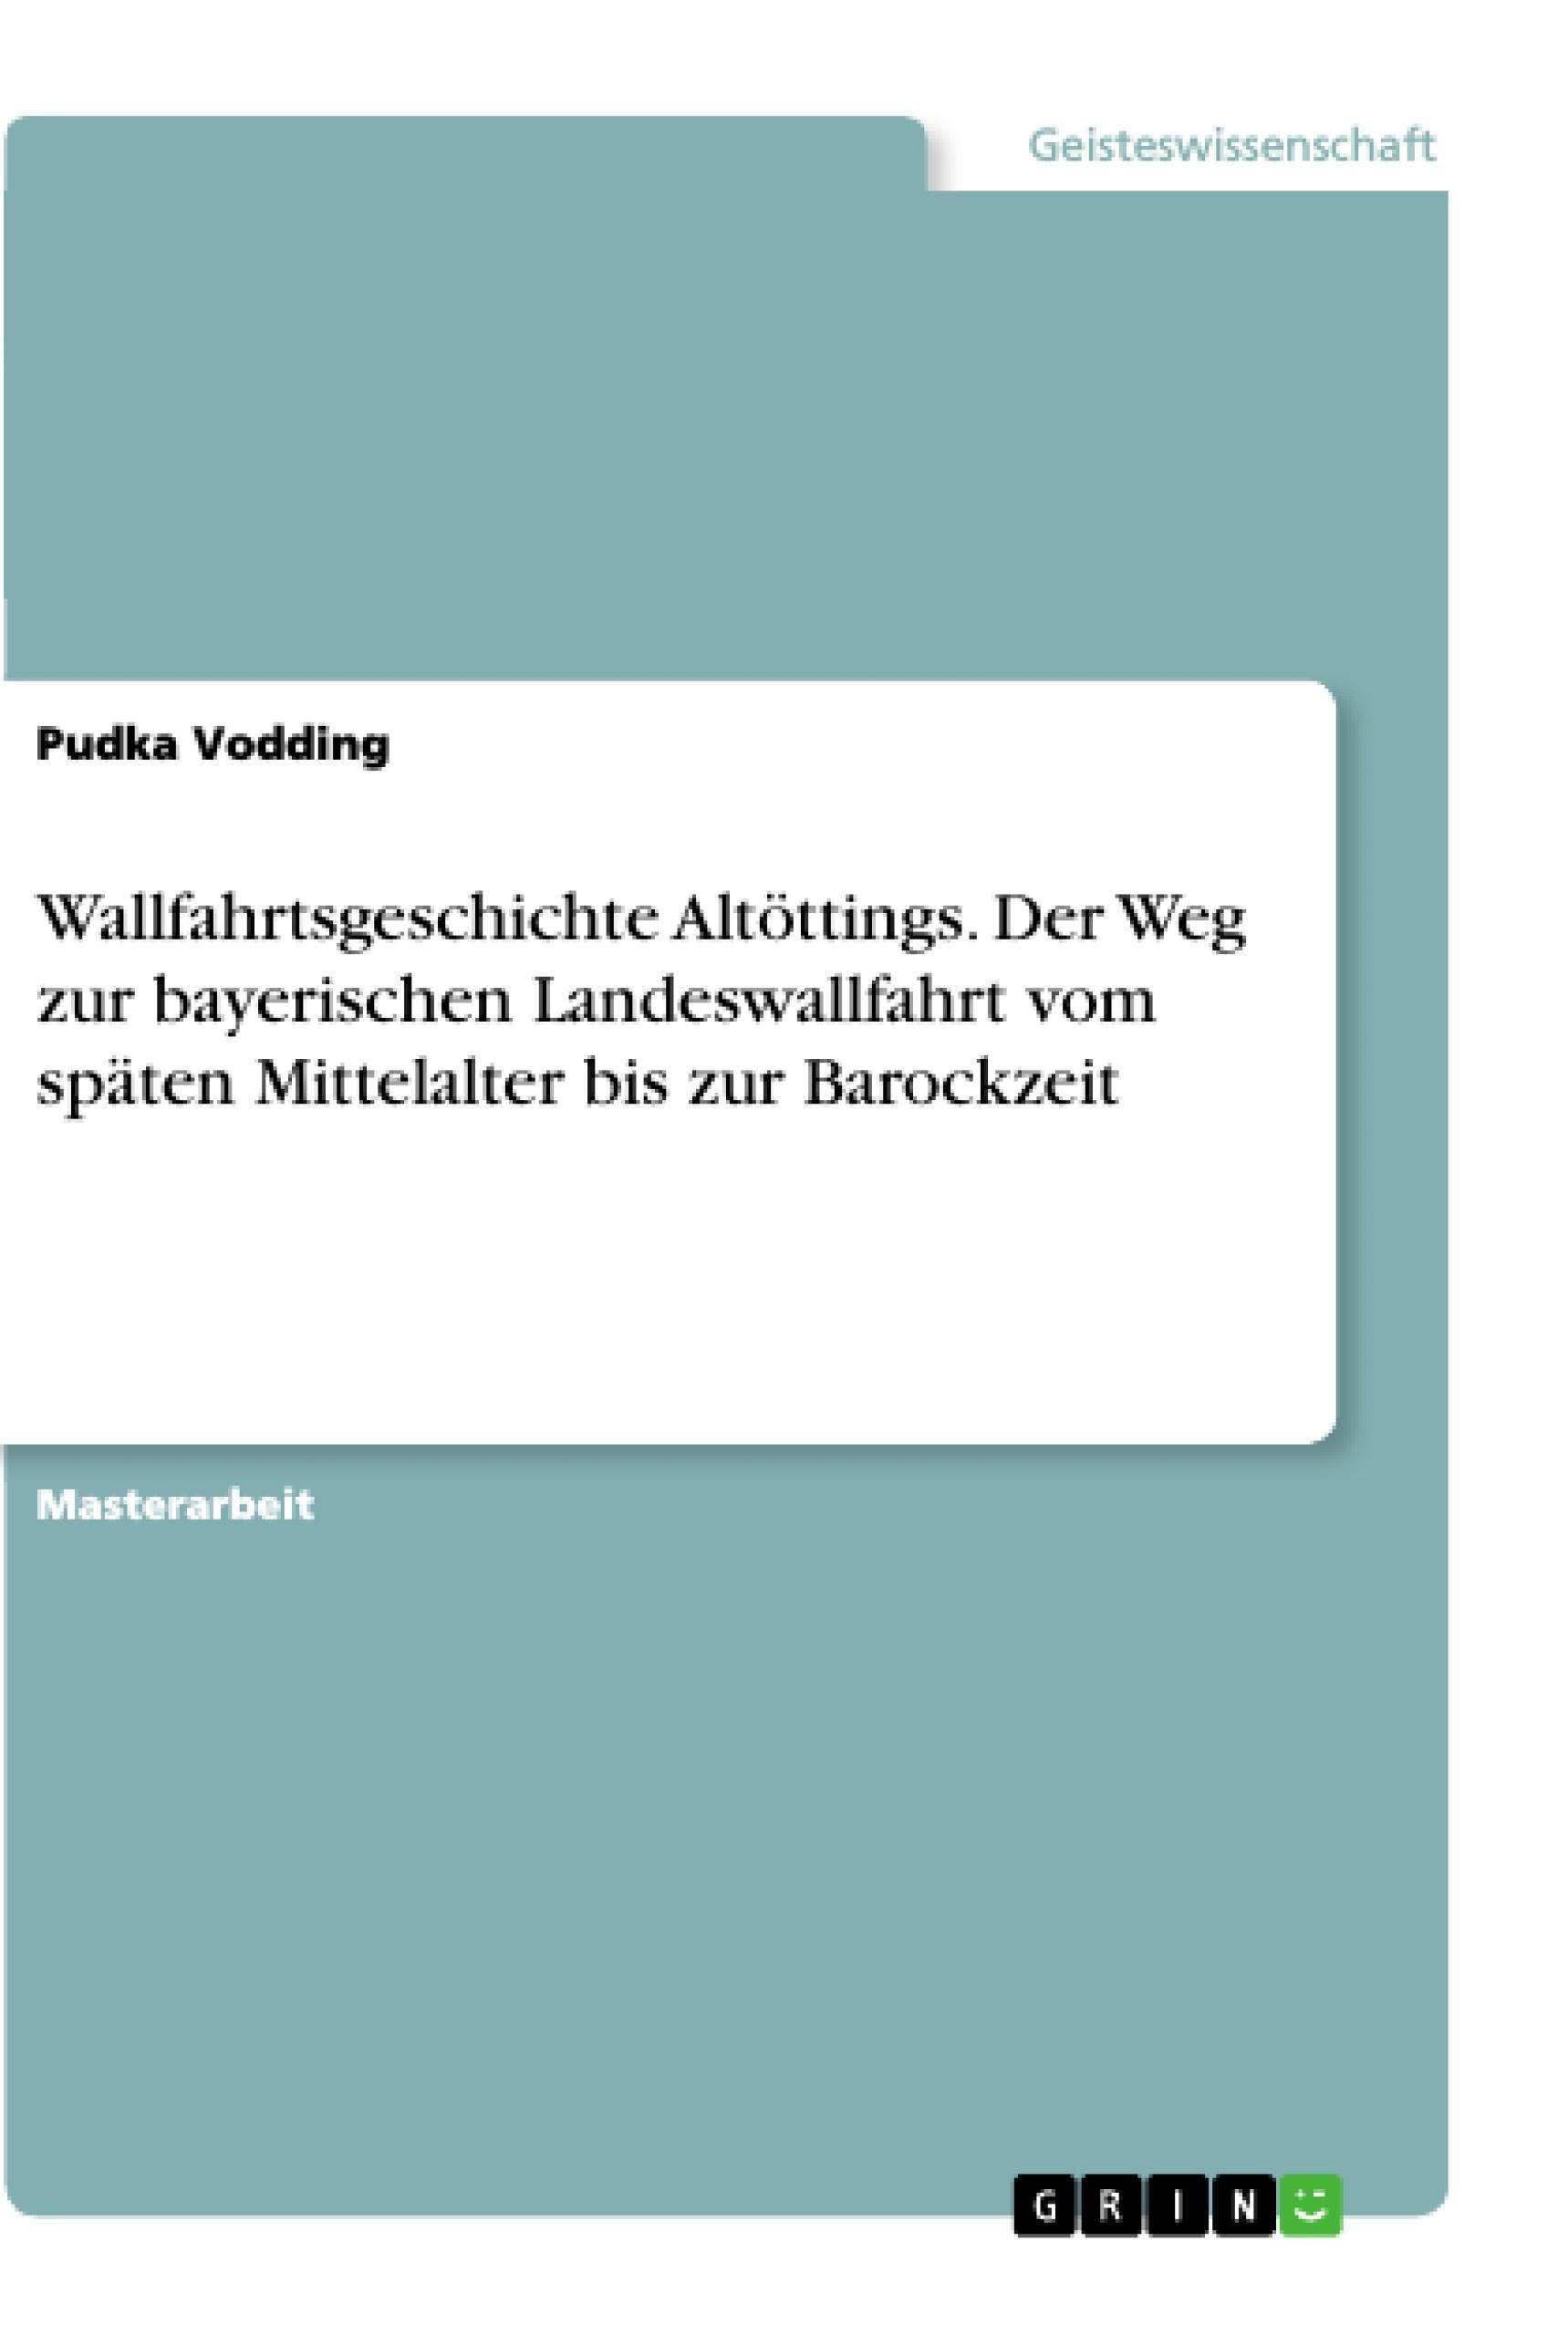 Titel: Wallfahrtsgeschichte Altöttings. Der Weg zur bayerischen Landeswallfahrt vom späten Mittelalter bis zur Barockzeit